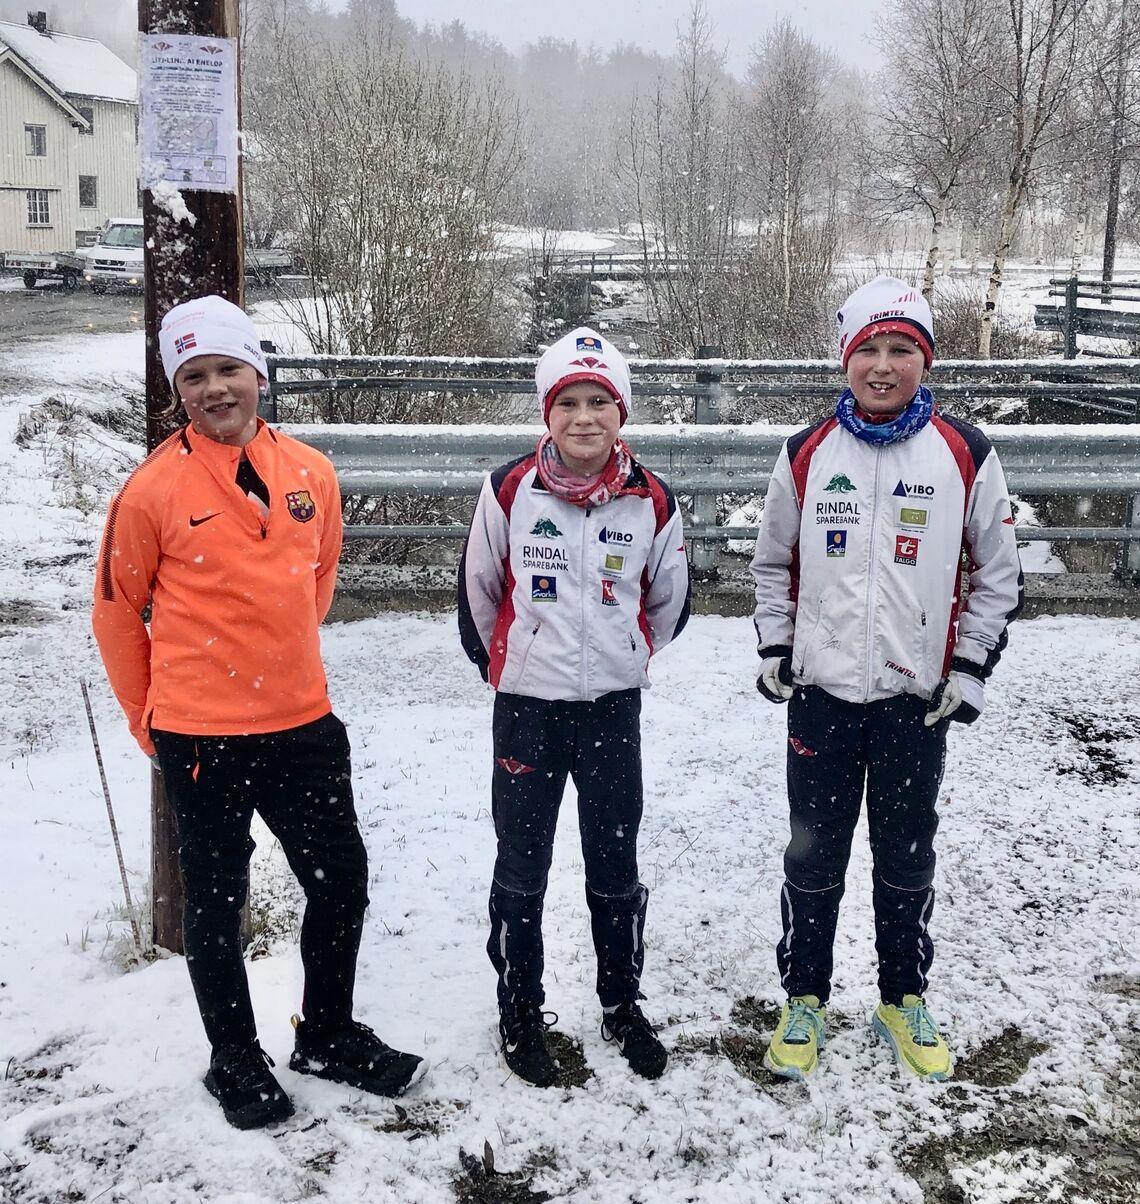 Tre unge deltagere i det første løpet i Rindal løpskarusell som samlet 63 deltagere. (Foto: Erik Løfald)